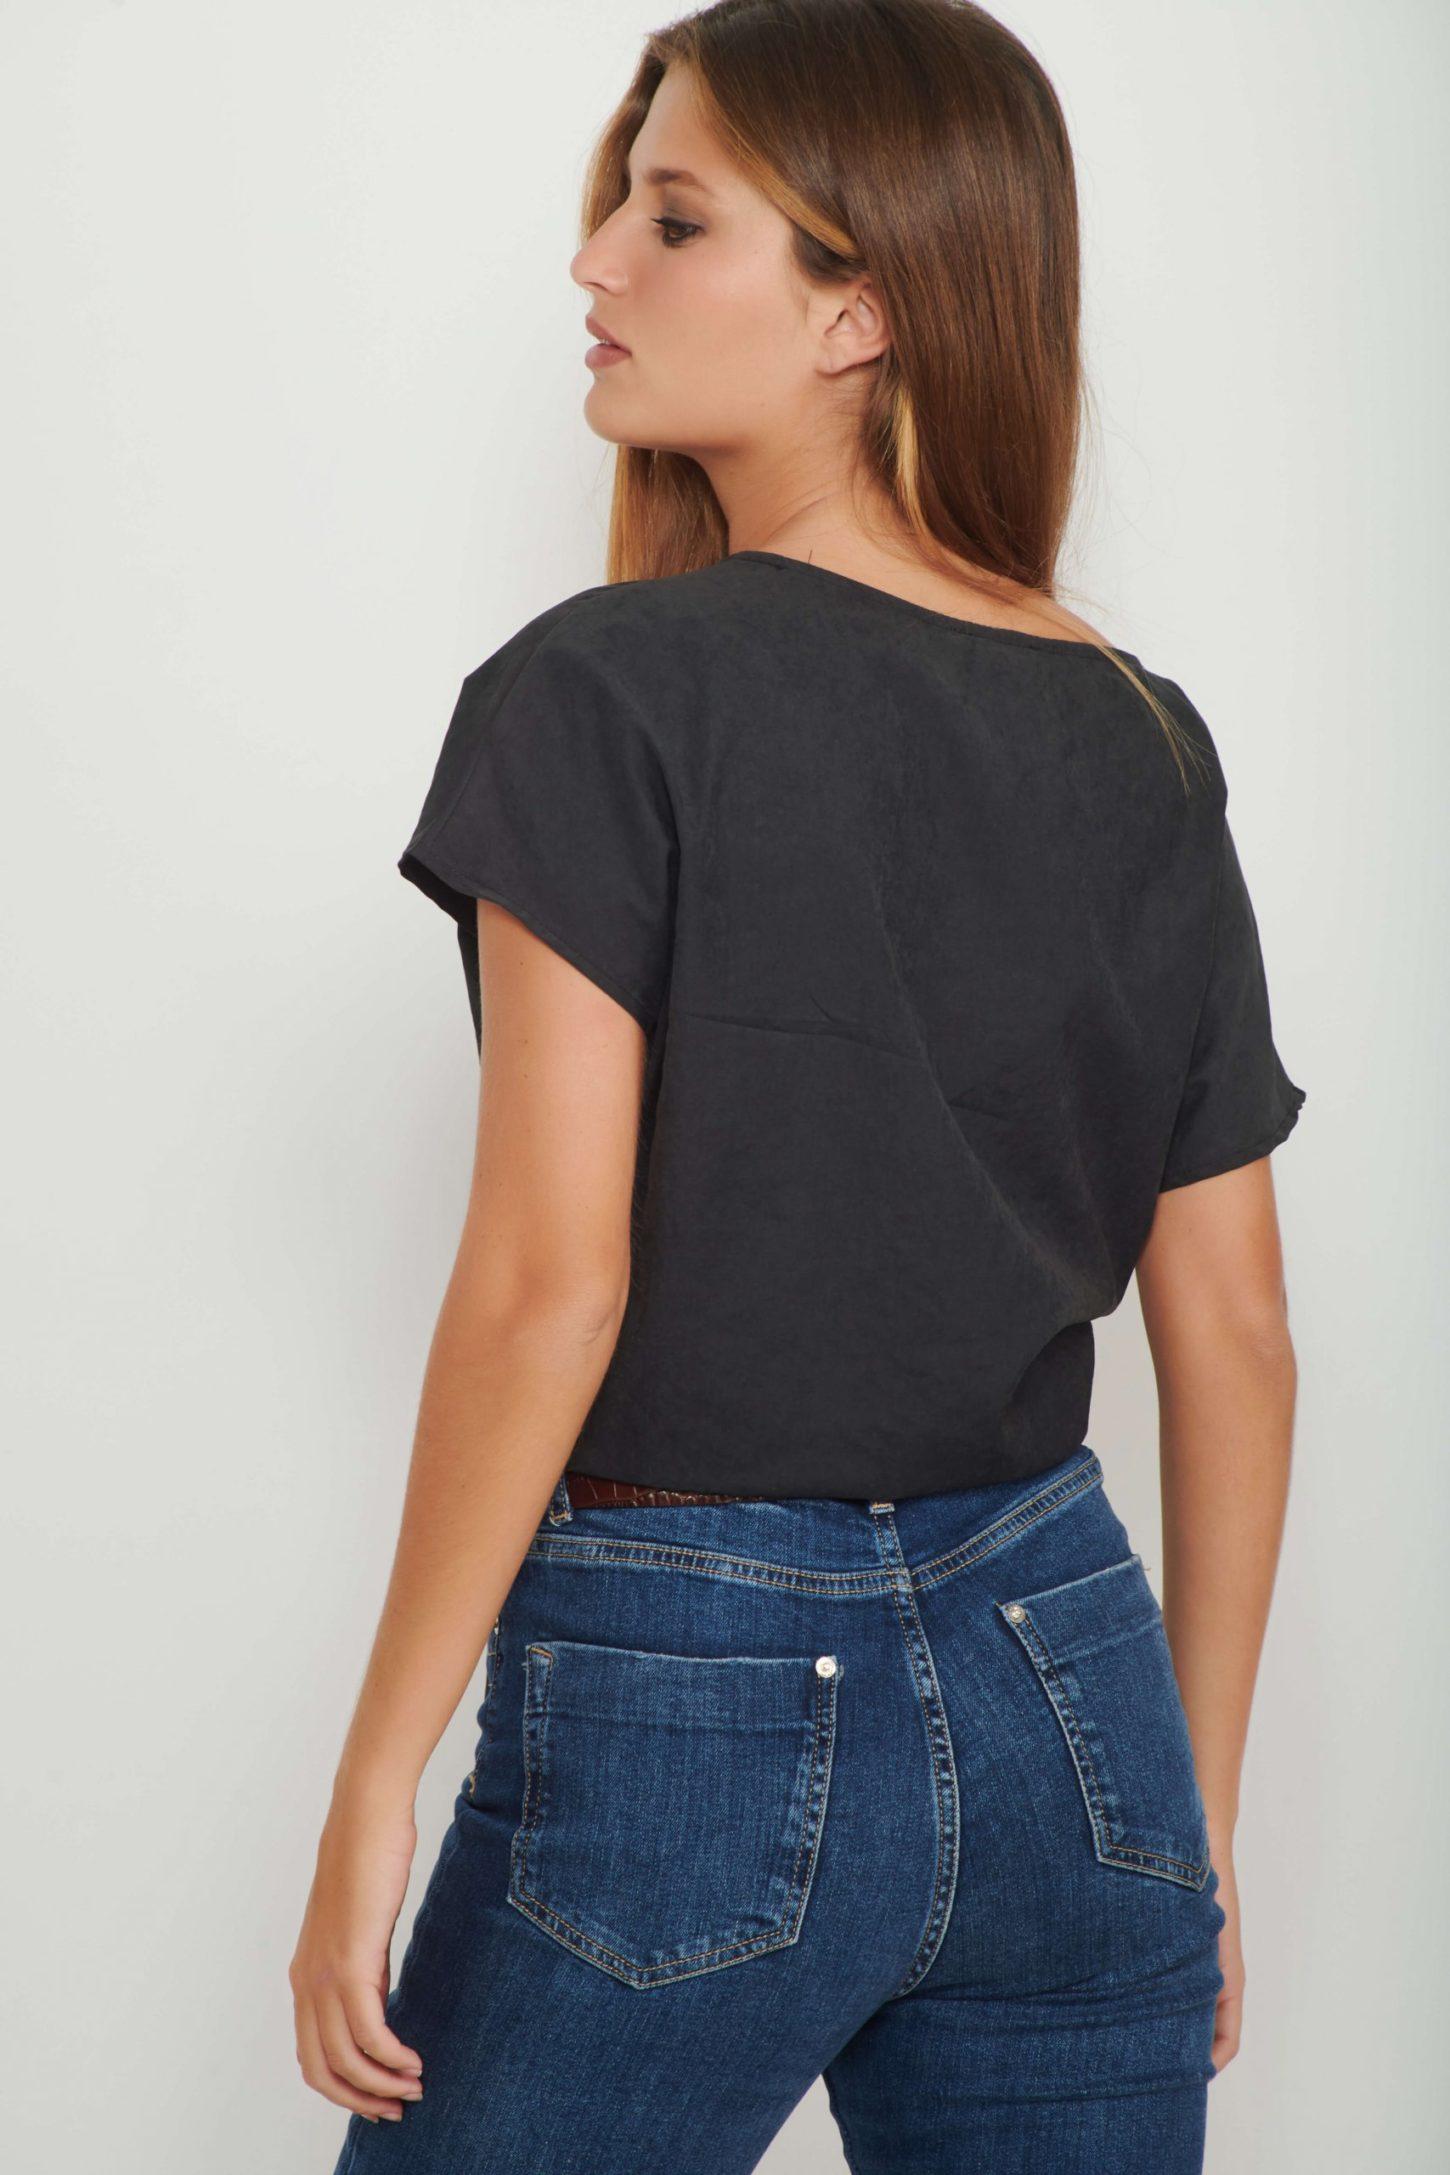 חולצת Black Cupro Bow לנשים